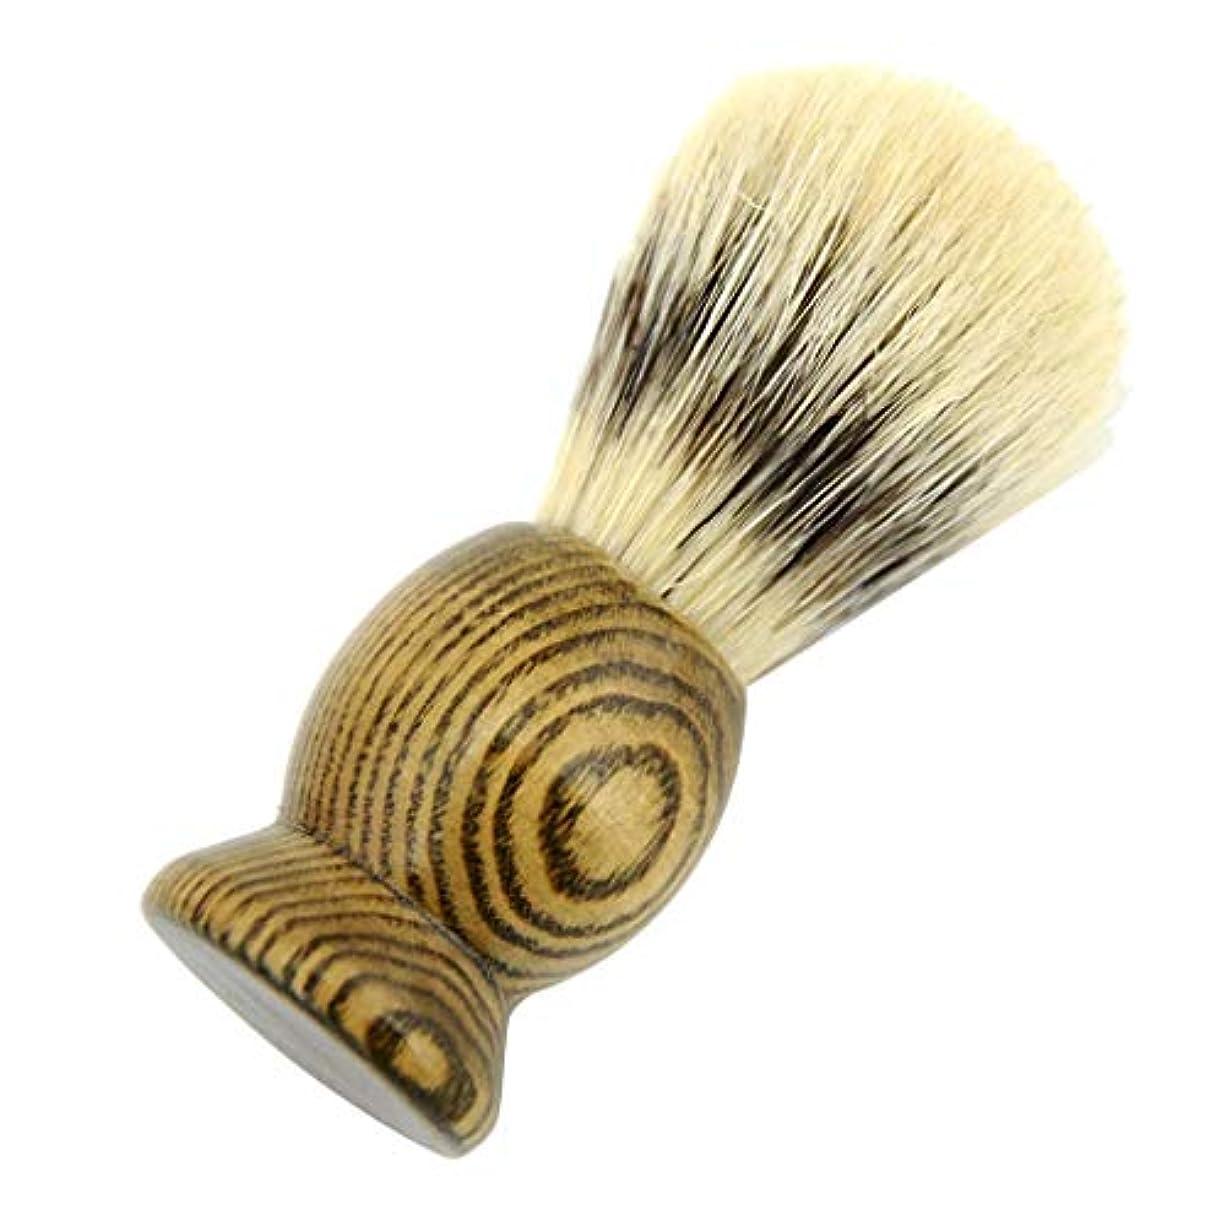 毛布廃止するマオリひげブラシ メンズ シェービングブラシ 髭剃り 理容 洗顔 ポータブルひげ剃り美容ツール